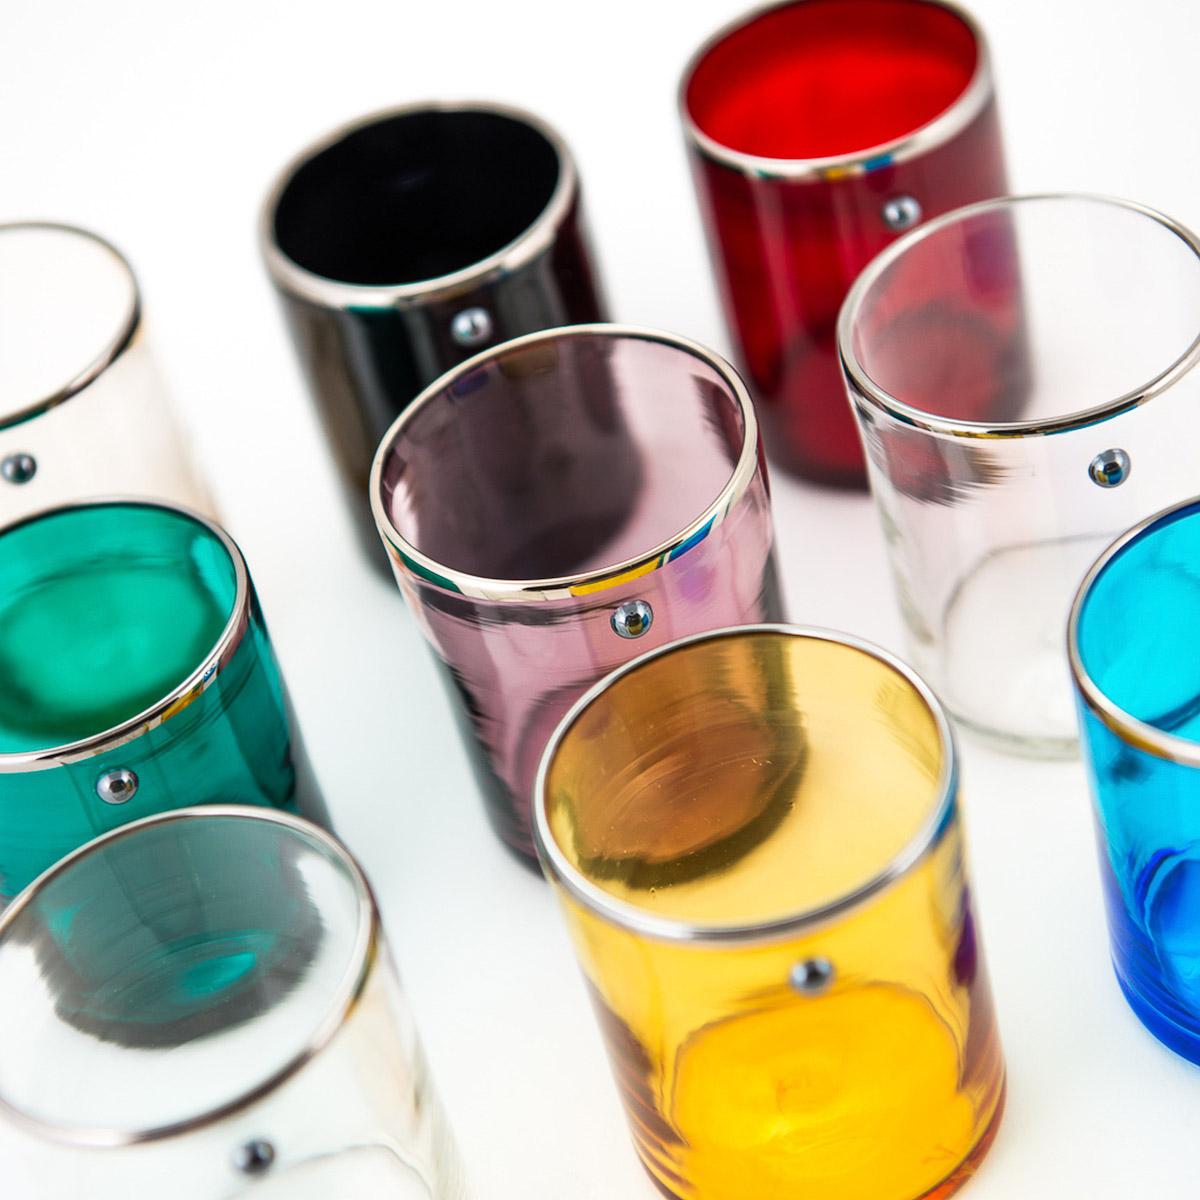 jai-luxury-shot-designer-giberto-venice-murano-handmade-glasses